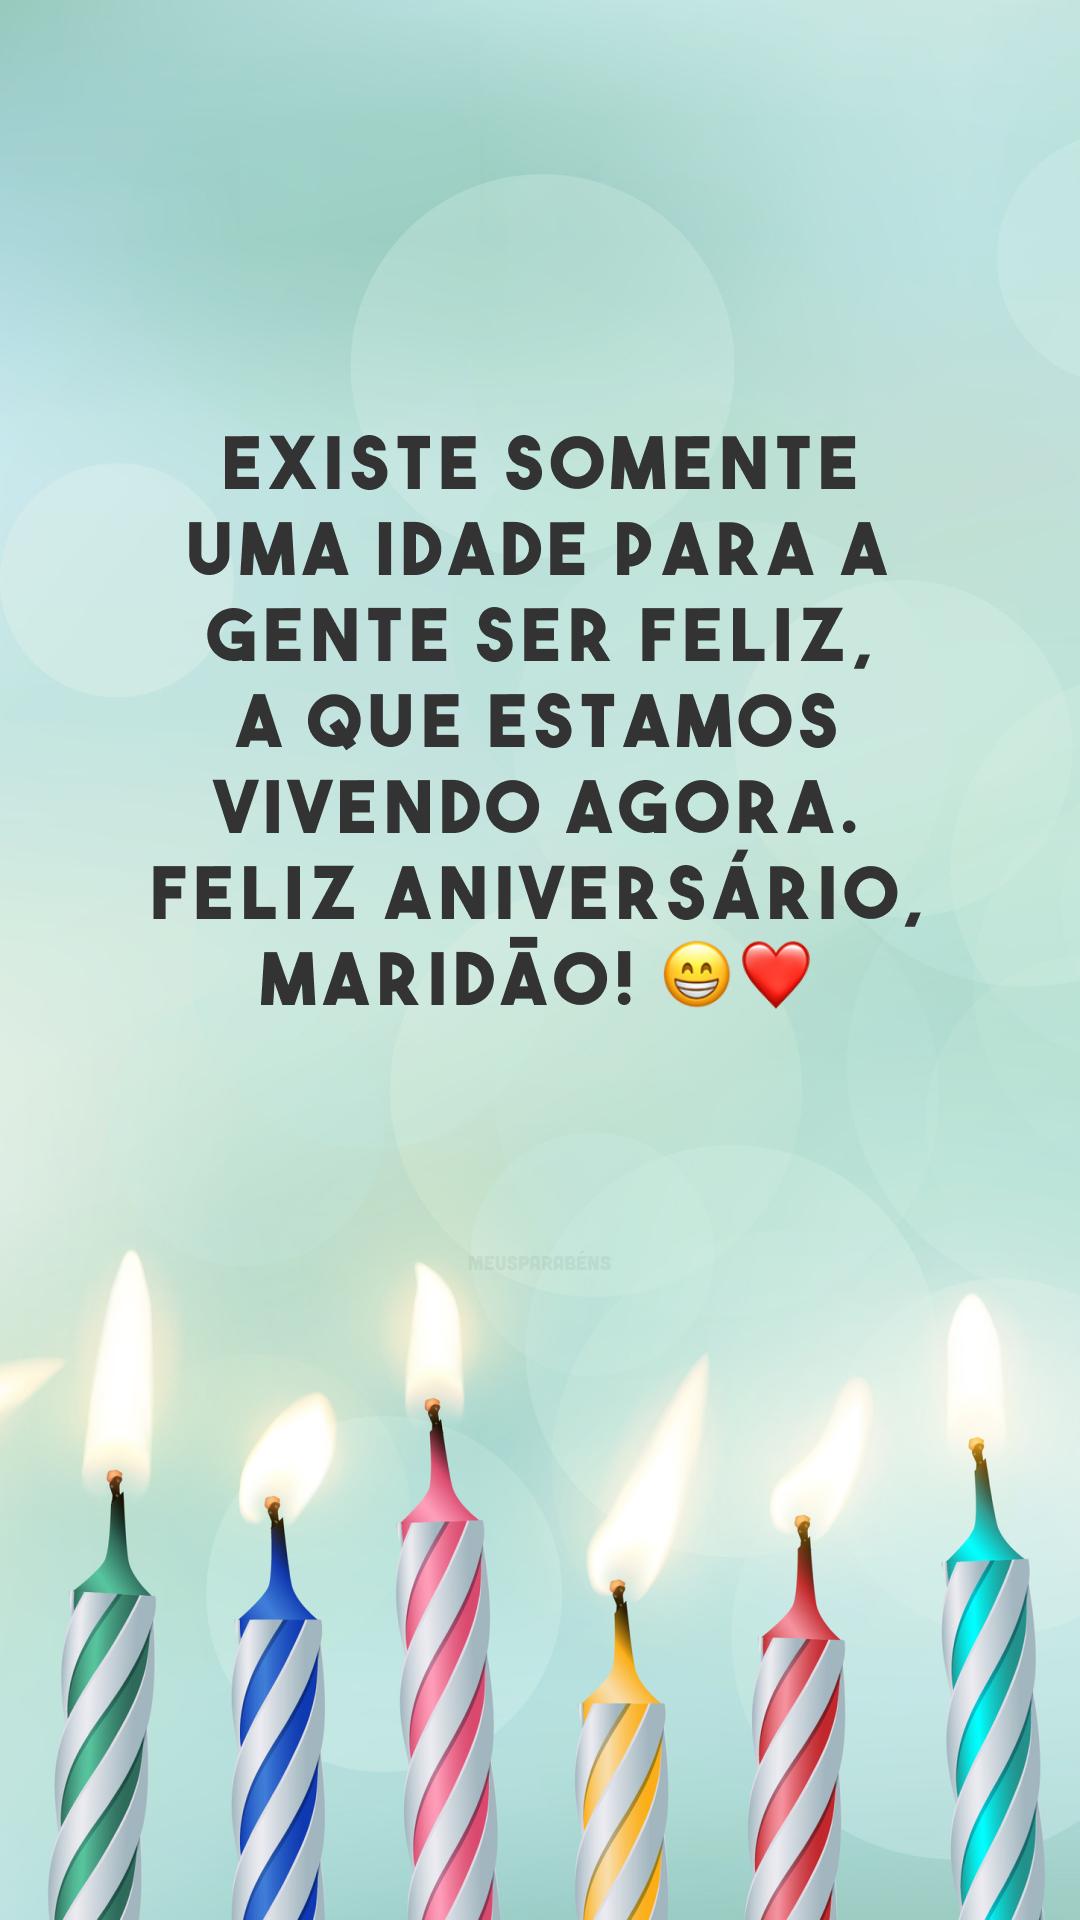 Existe somente uma idade para a gente ser feliz, a que estamos vivendo agora. Feliz aniversário, maridão! 😁❤️